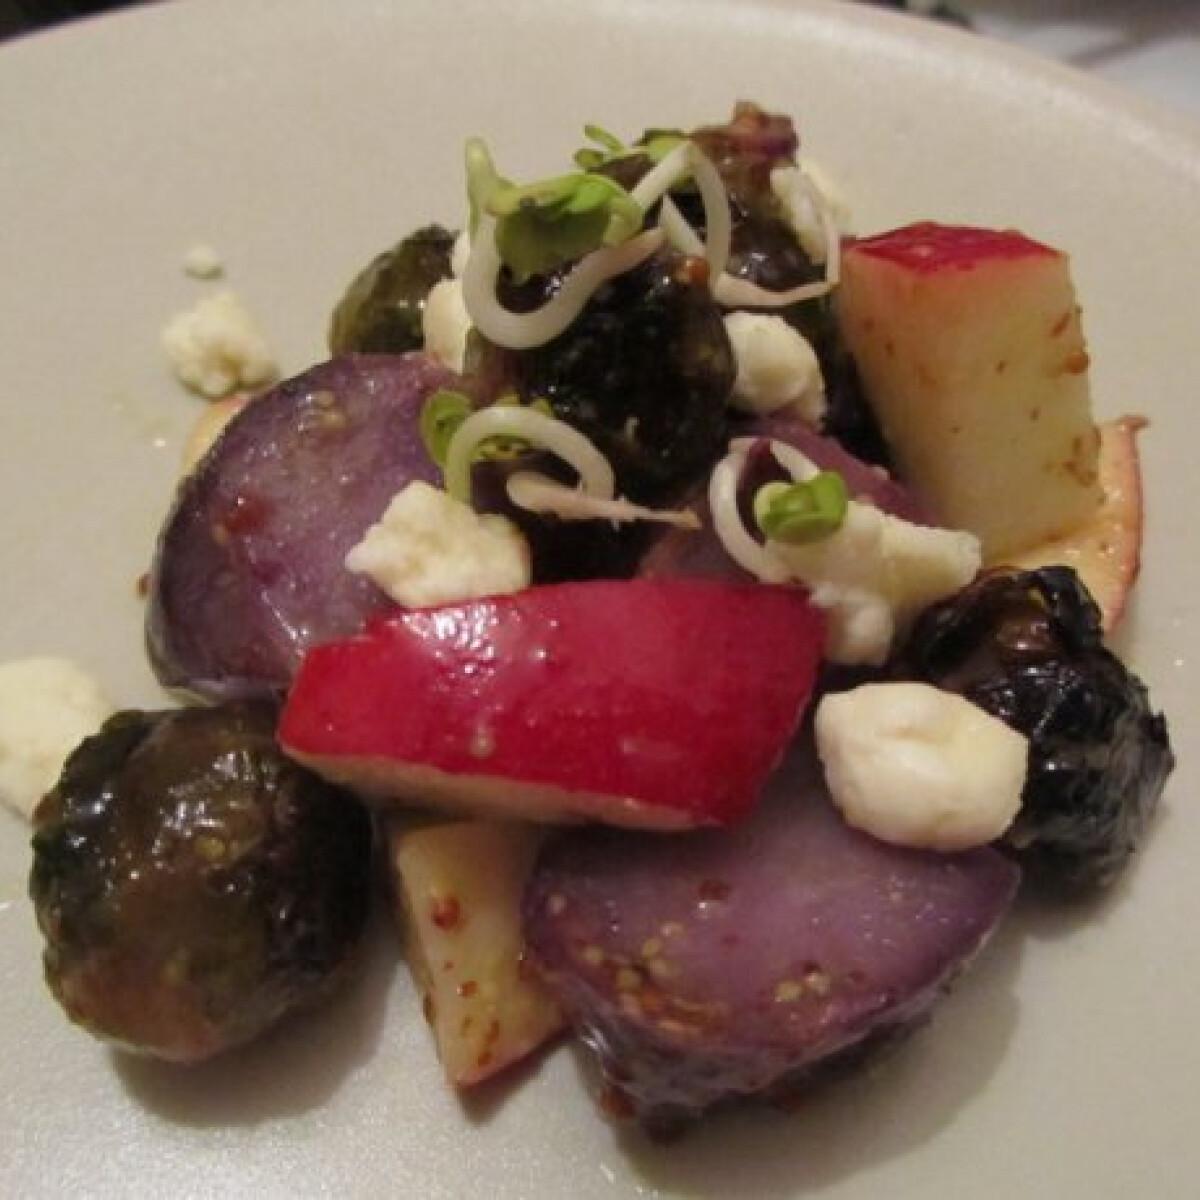 Meleg kelbimbósaláta lila krumplival